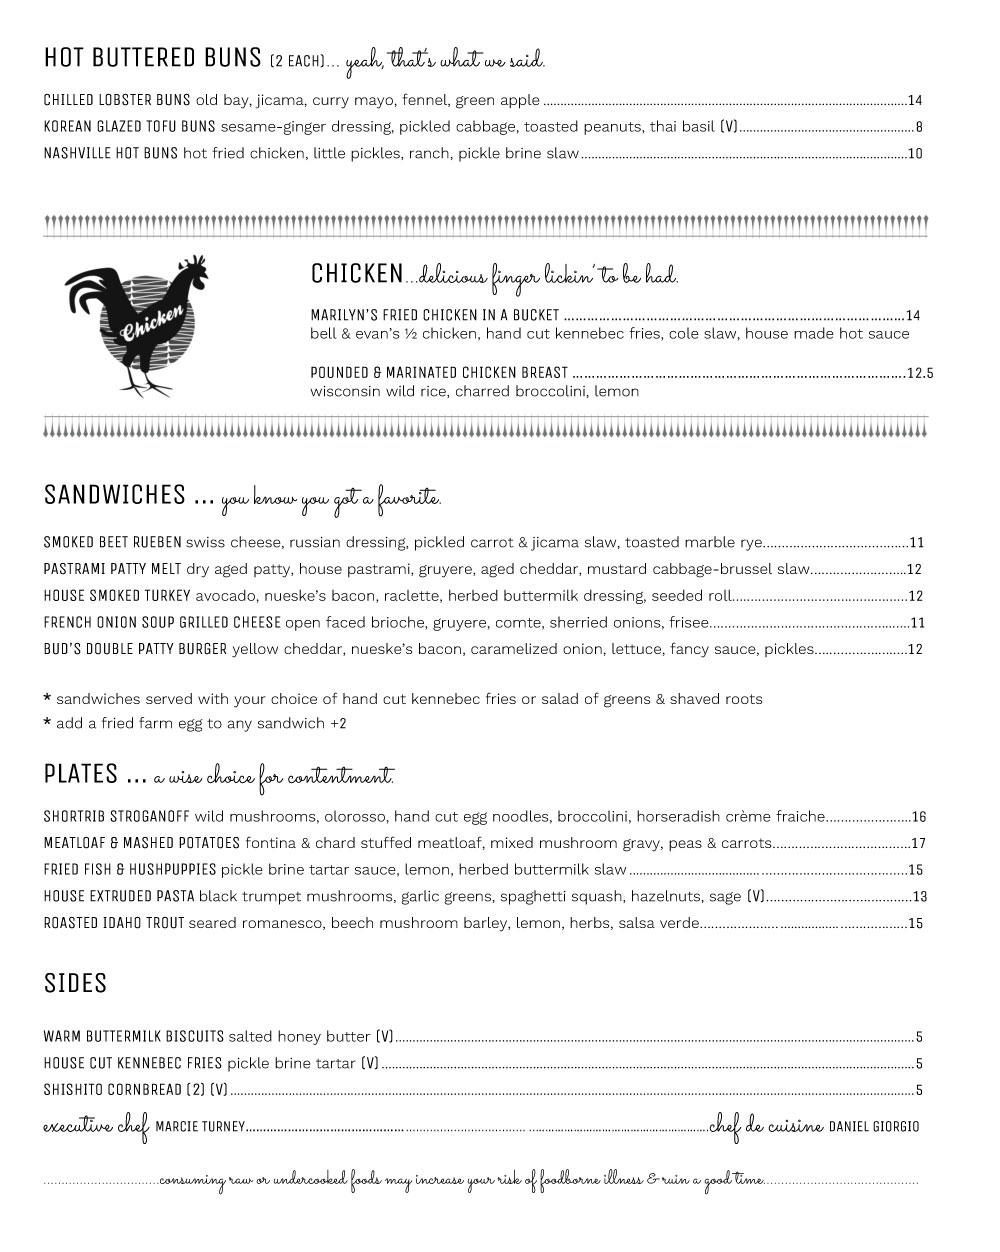 Bud-&-Marilyn's---Lunch-Menu-food